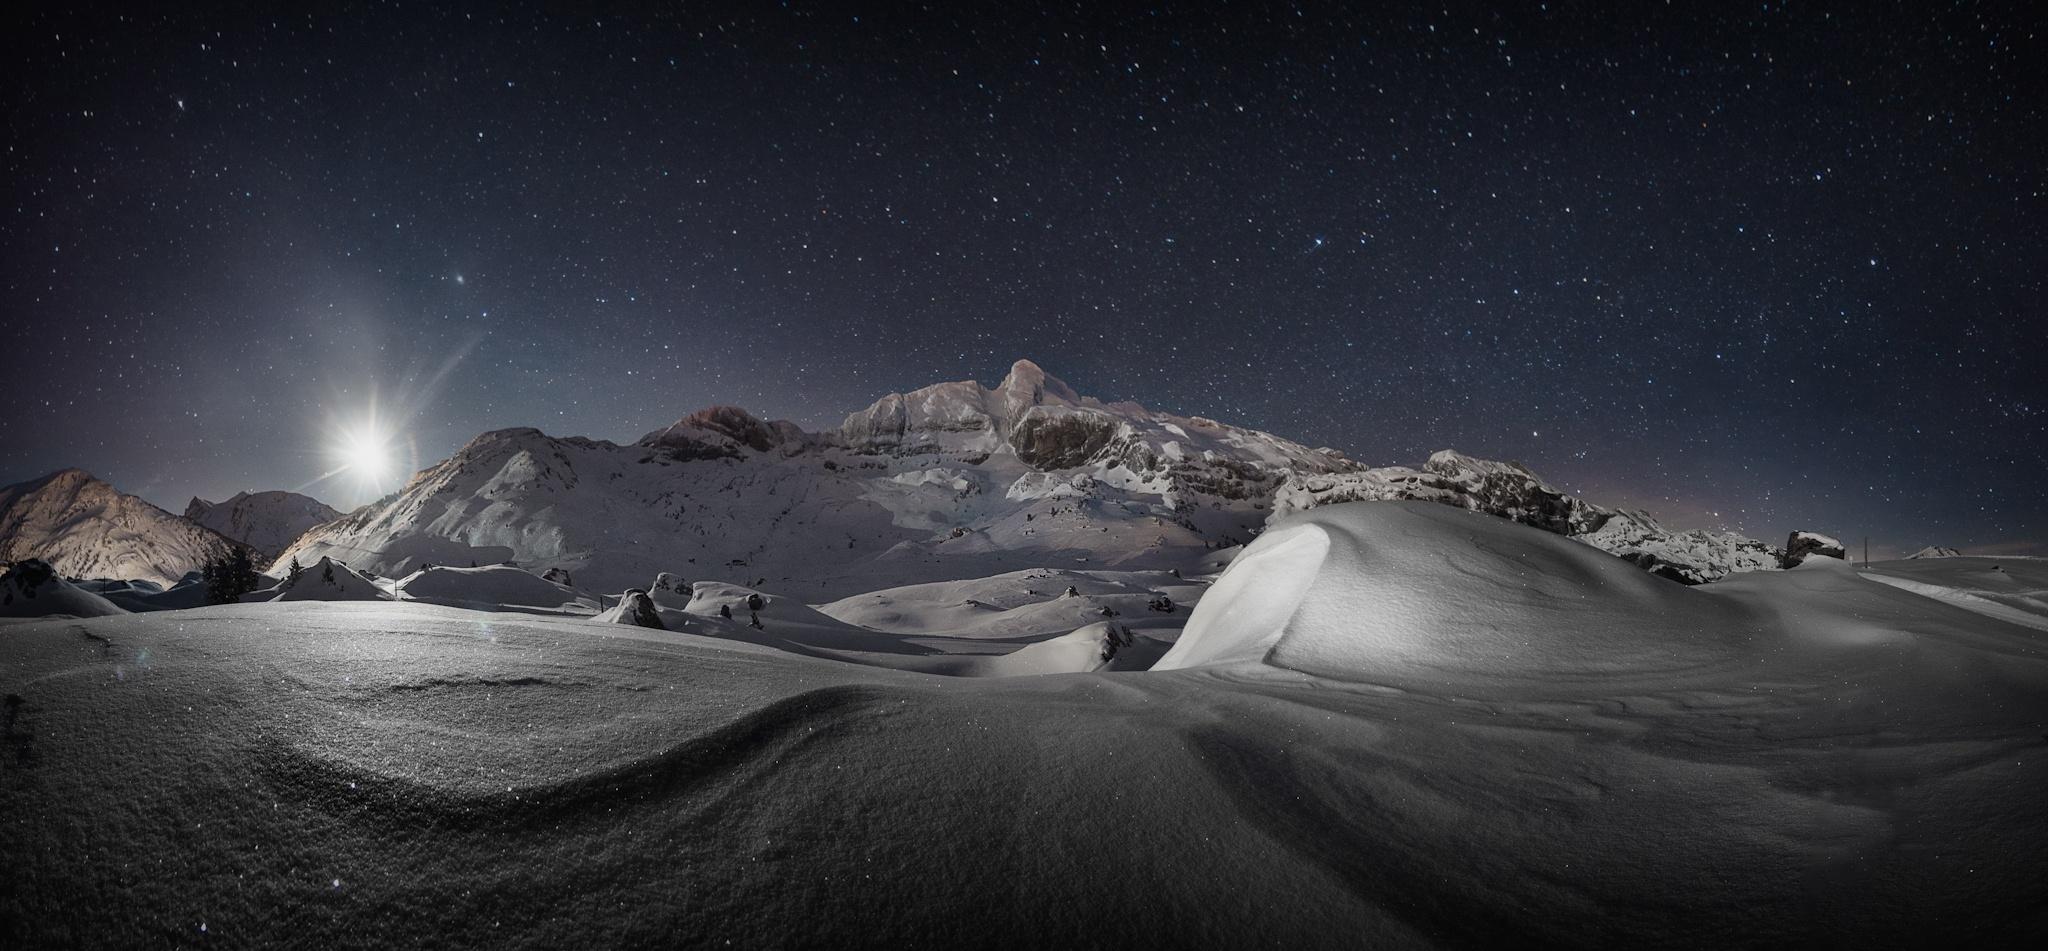 Salida de luna - Paisajes del valle - Fotos del Valle del Aragón, Mikel Besga